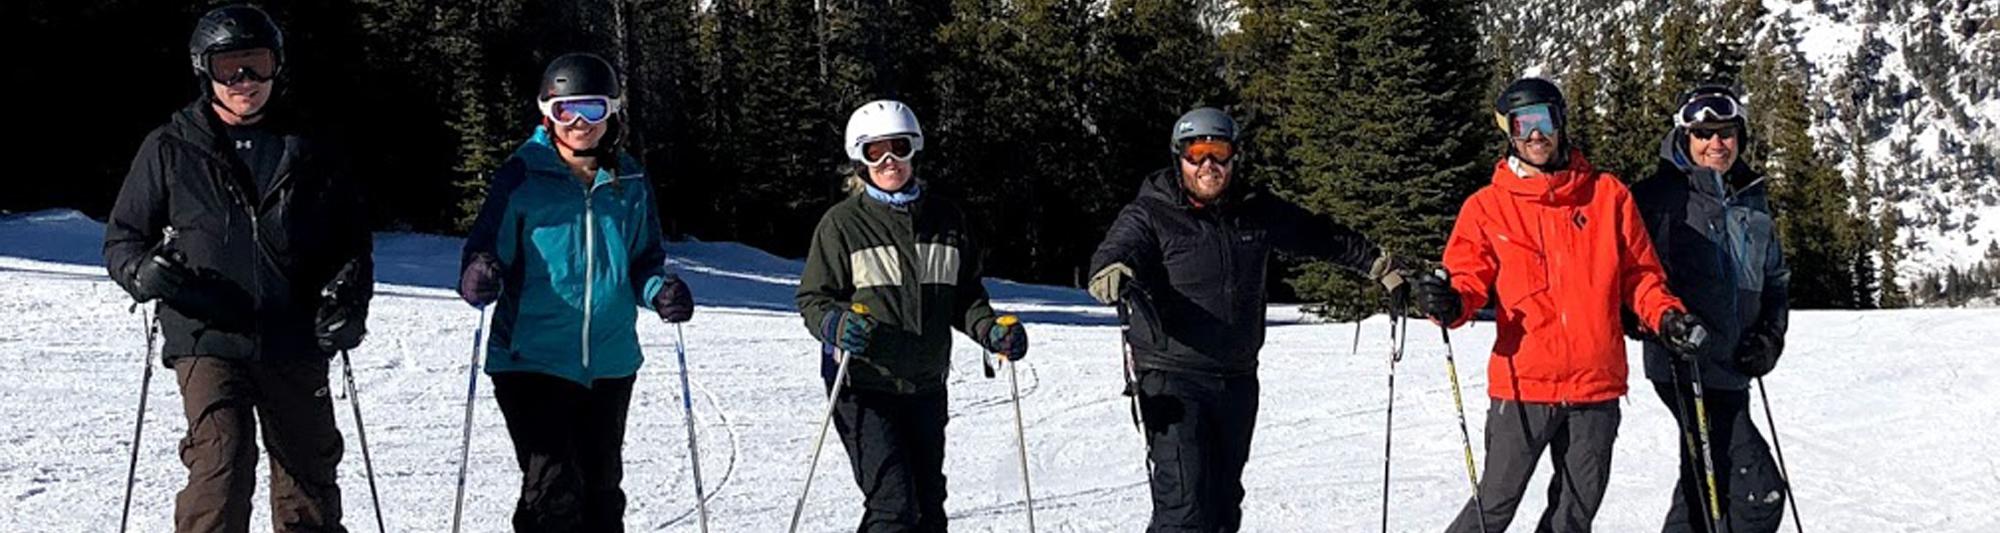 RRC Associates Team Skiing